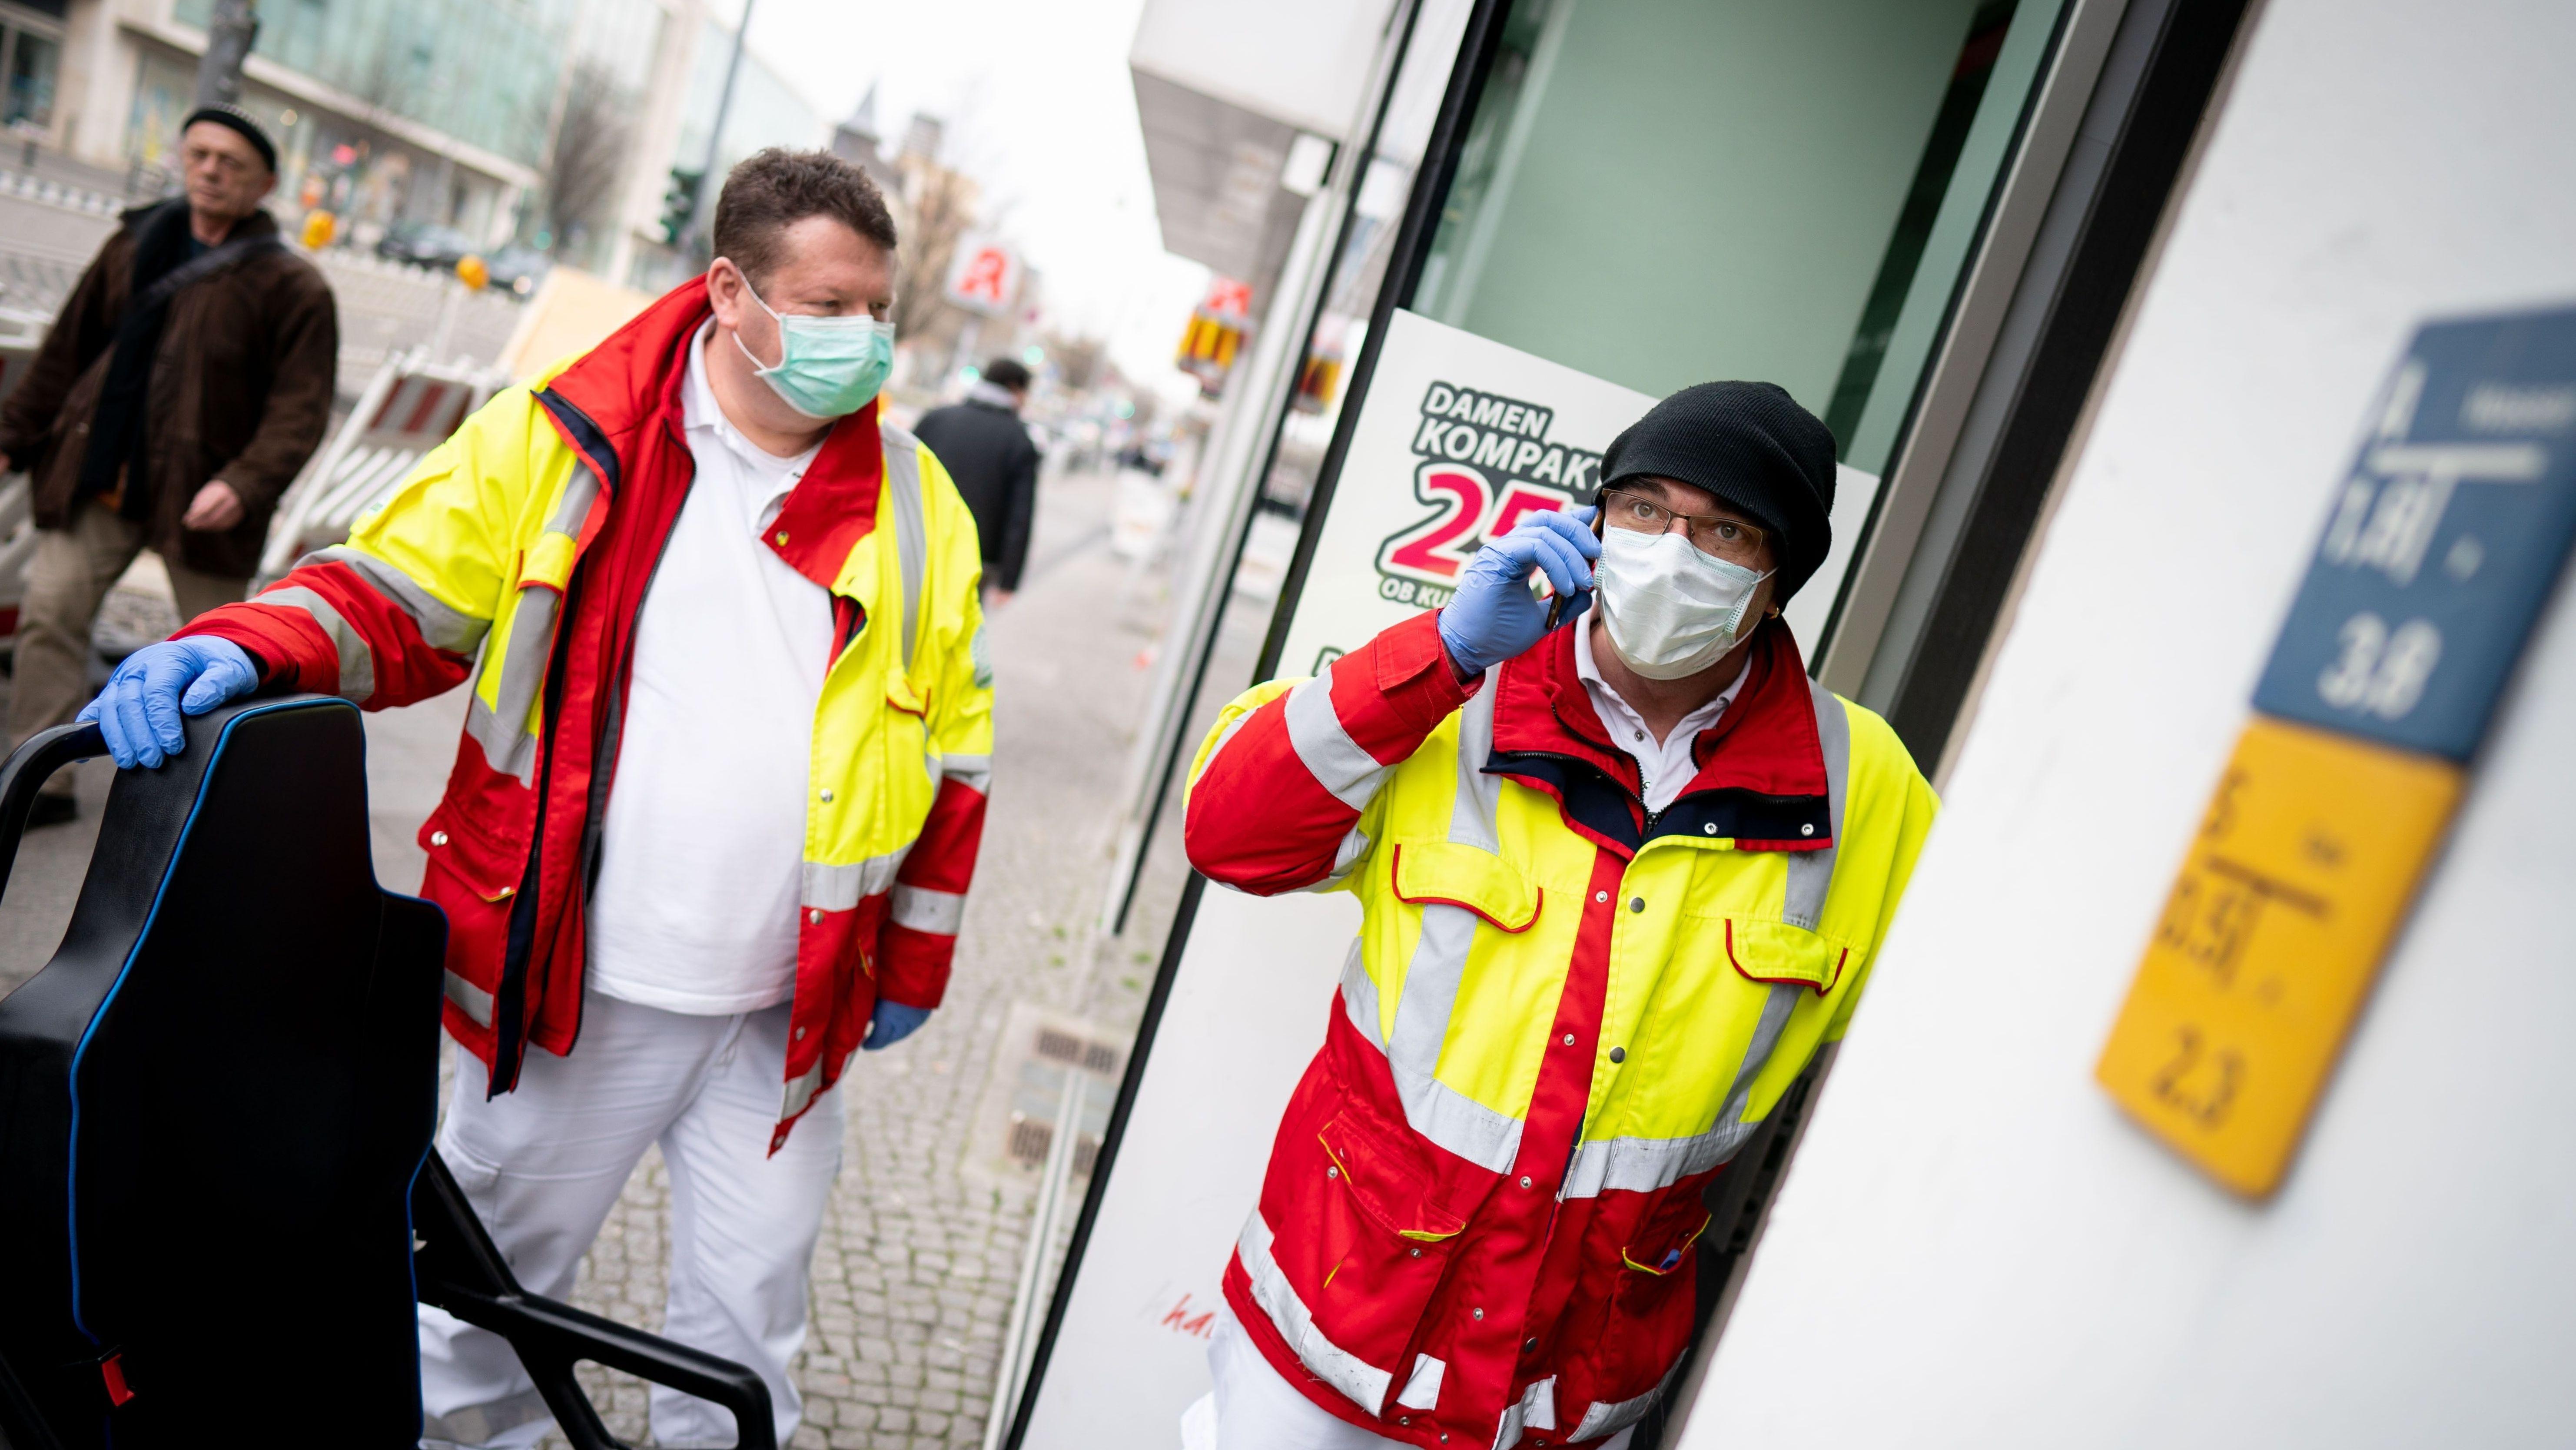 Rettungssanitäter mit Mundschutz